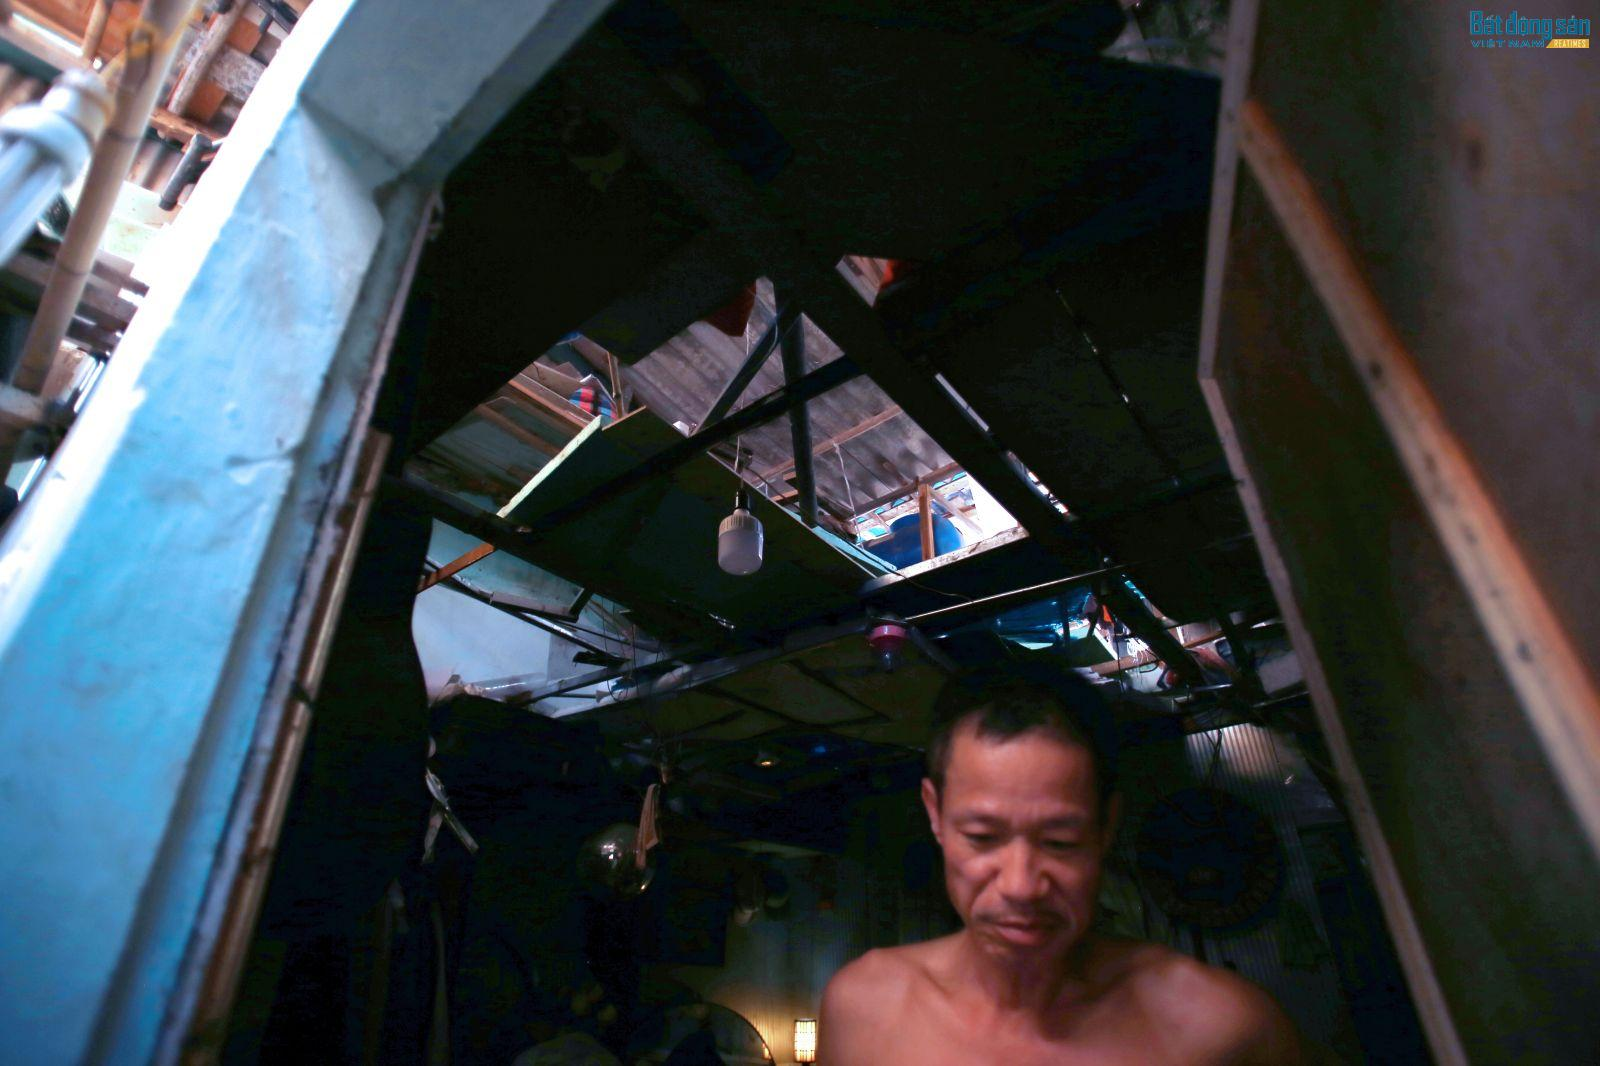 Căn nhà của gia đình anh Nguyễn Thắng lụp xụp, xuống cấp nghiêm trọng.